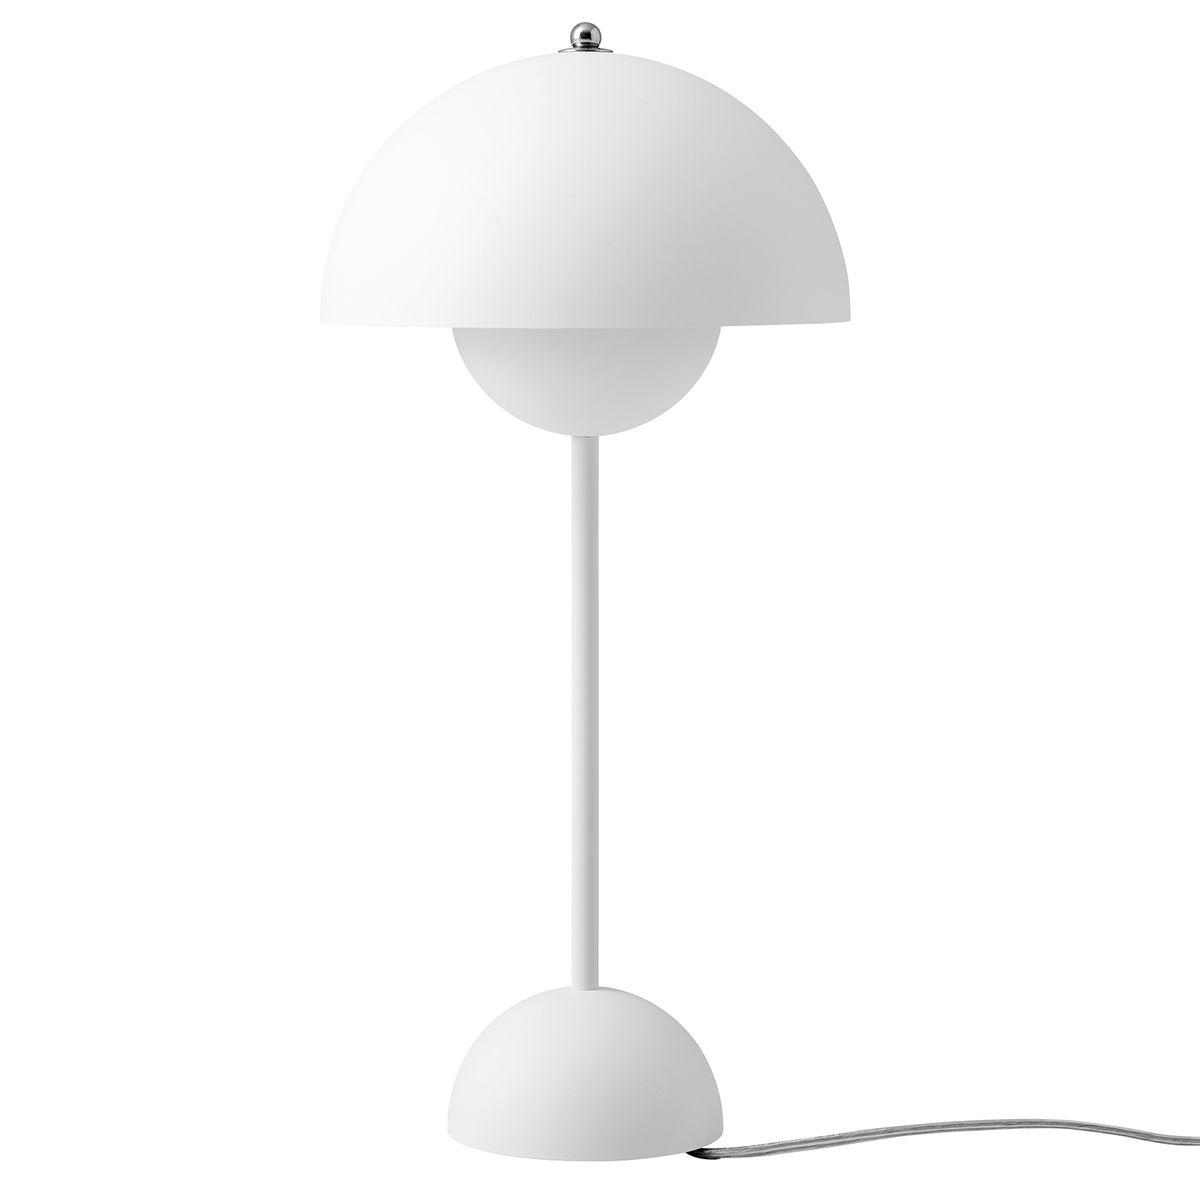 Tradition Flowerpot Vp3 Table Lamp Matt White Lamp Table Lamp Modern Lamp